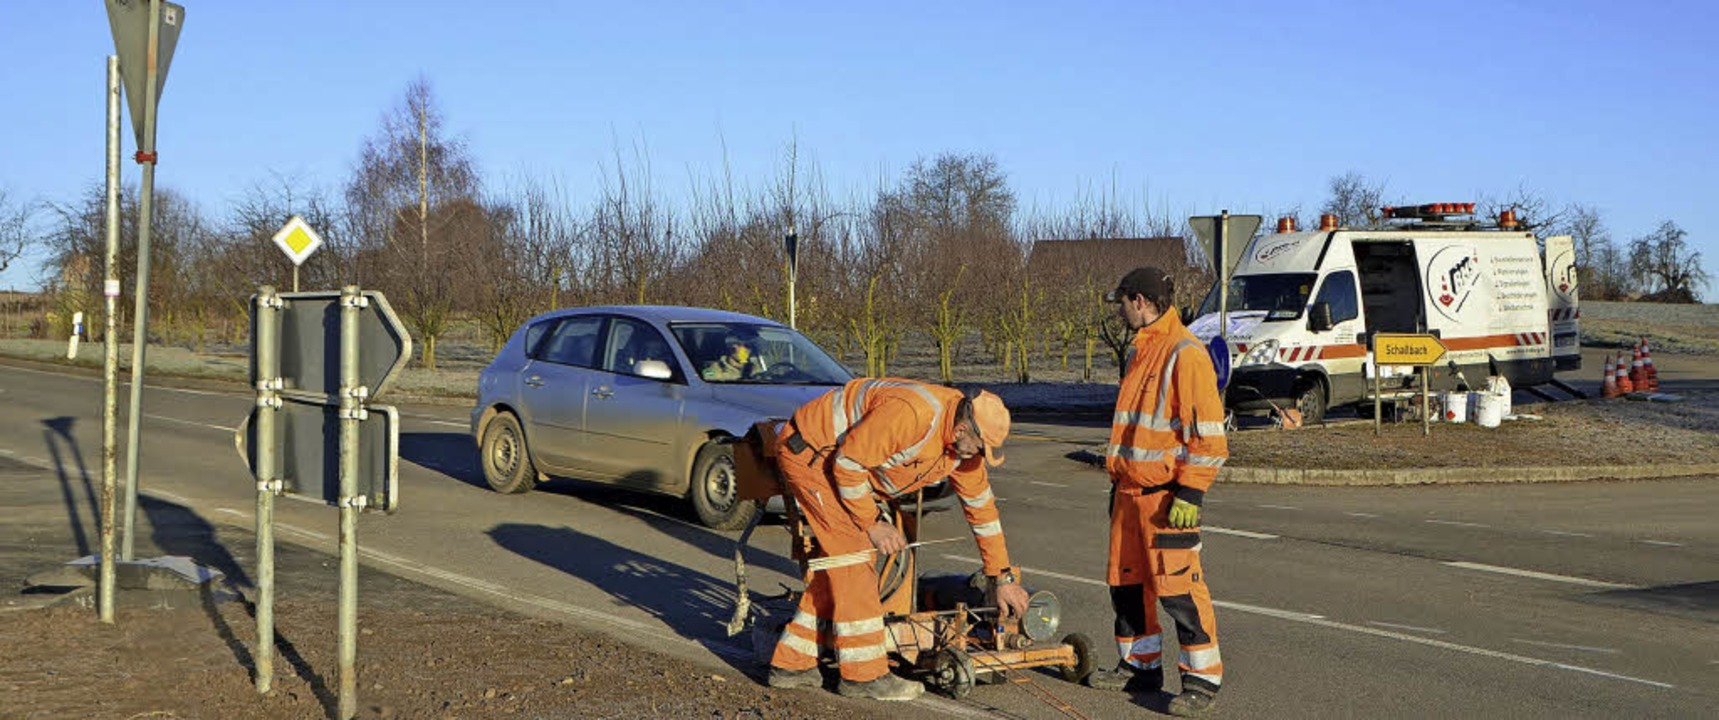 Sorgten für Klarheit: Mitarbeiter der ...Umgestaltung der Kreuzung anzupassen.   | Foto: Markus Maier